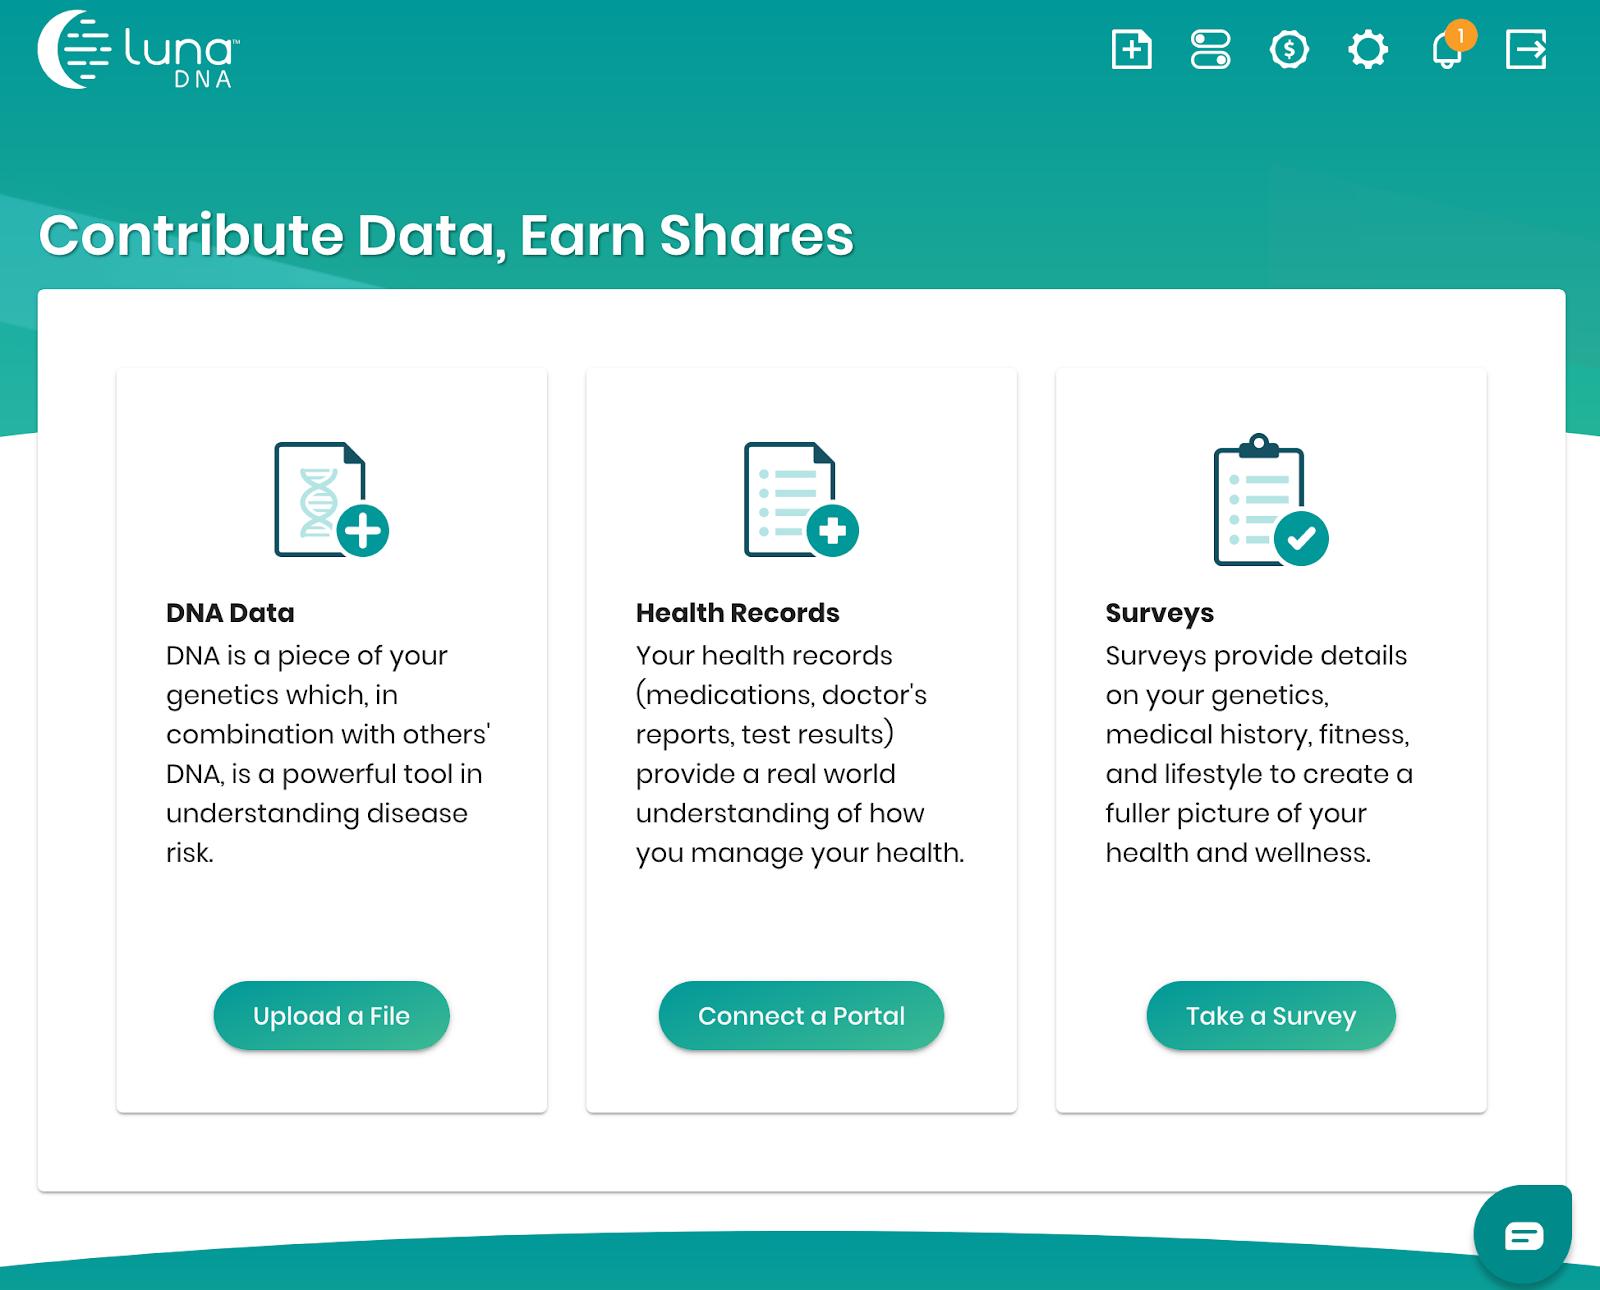 共有を獲得するためのデータ共有オプション。